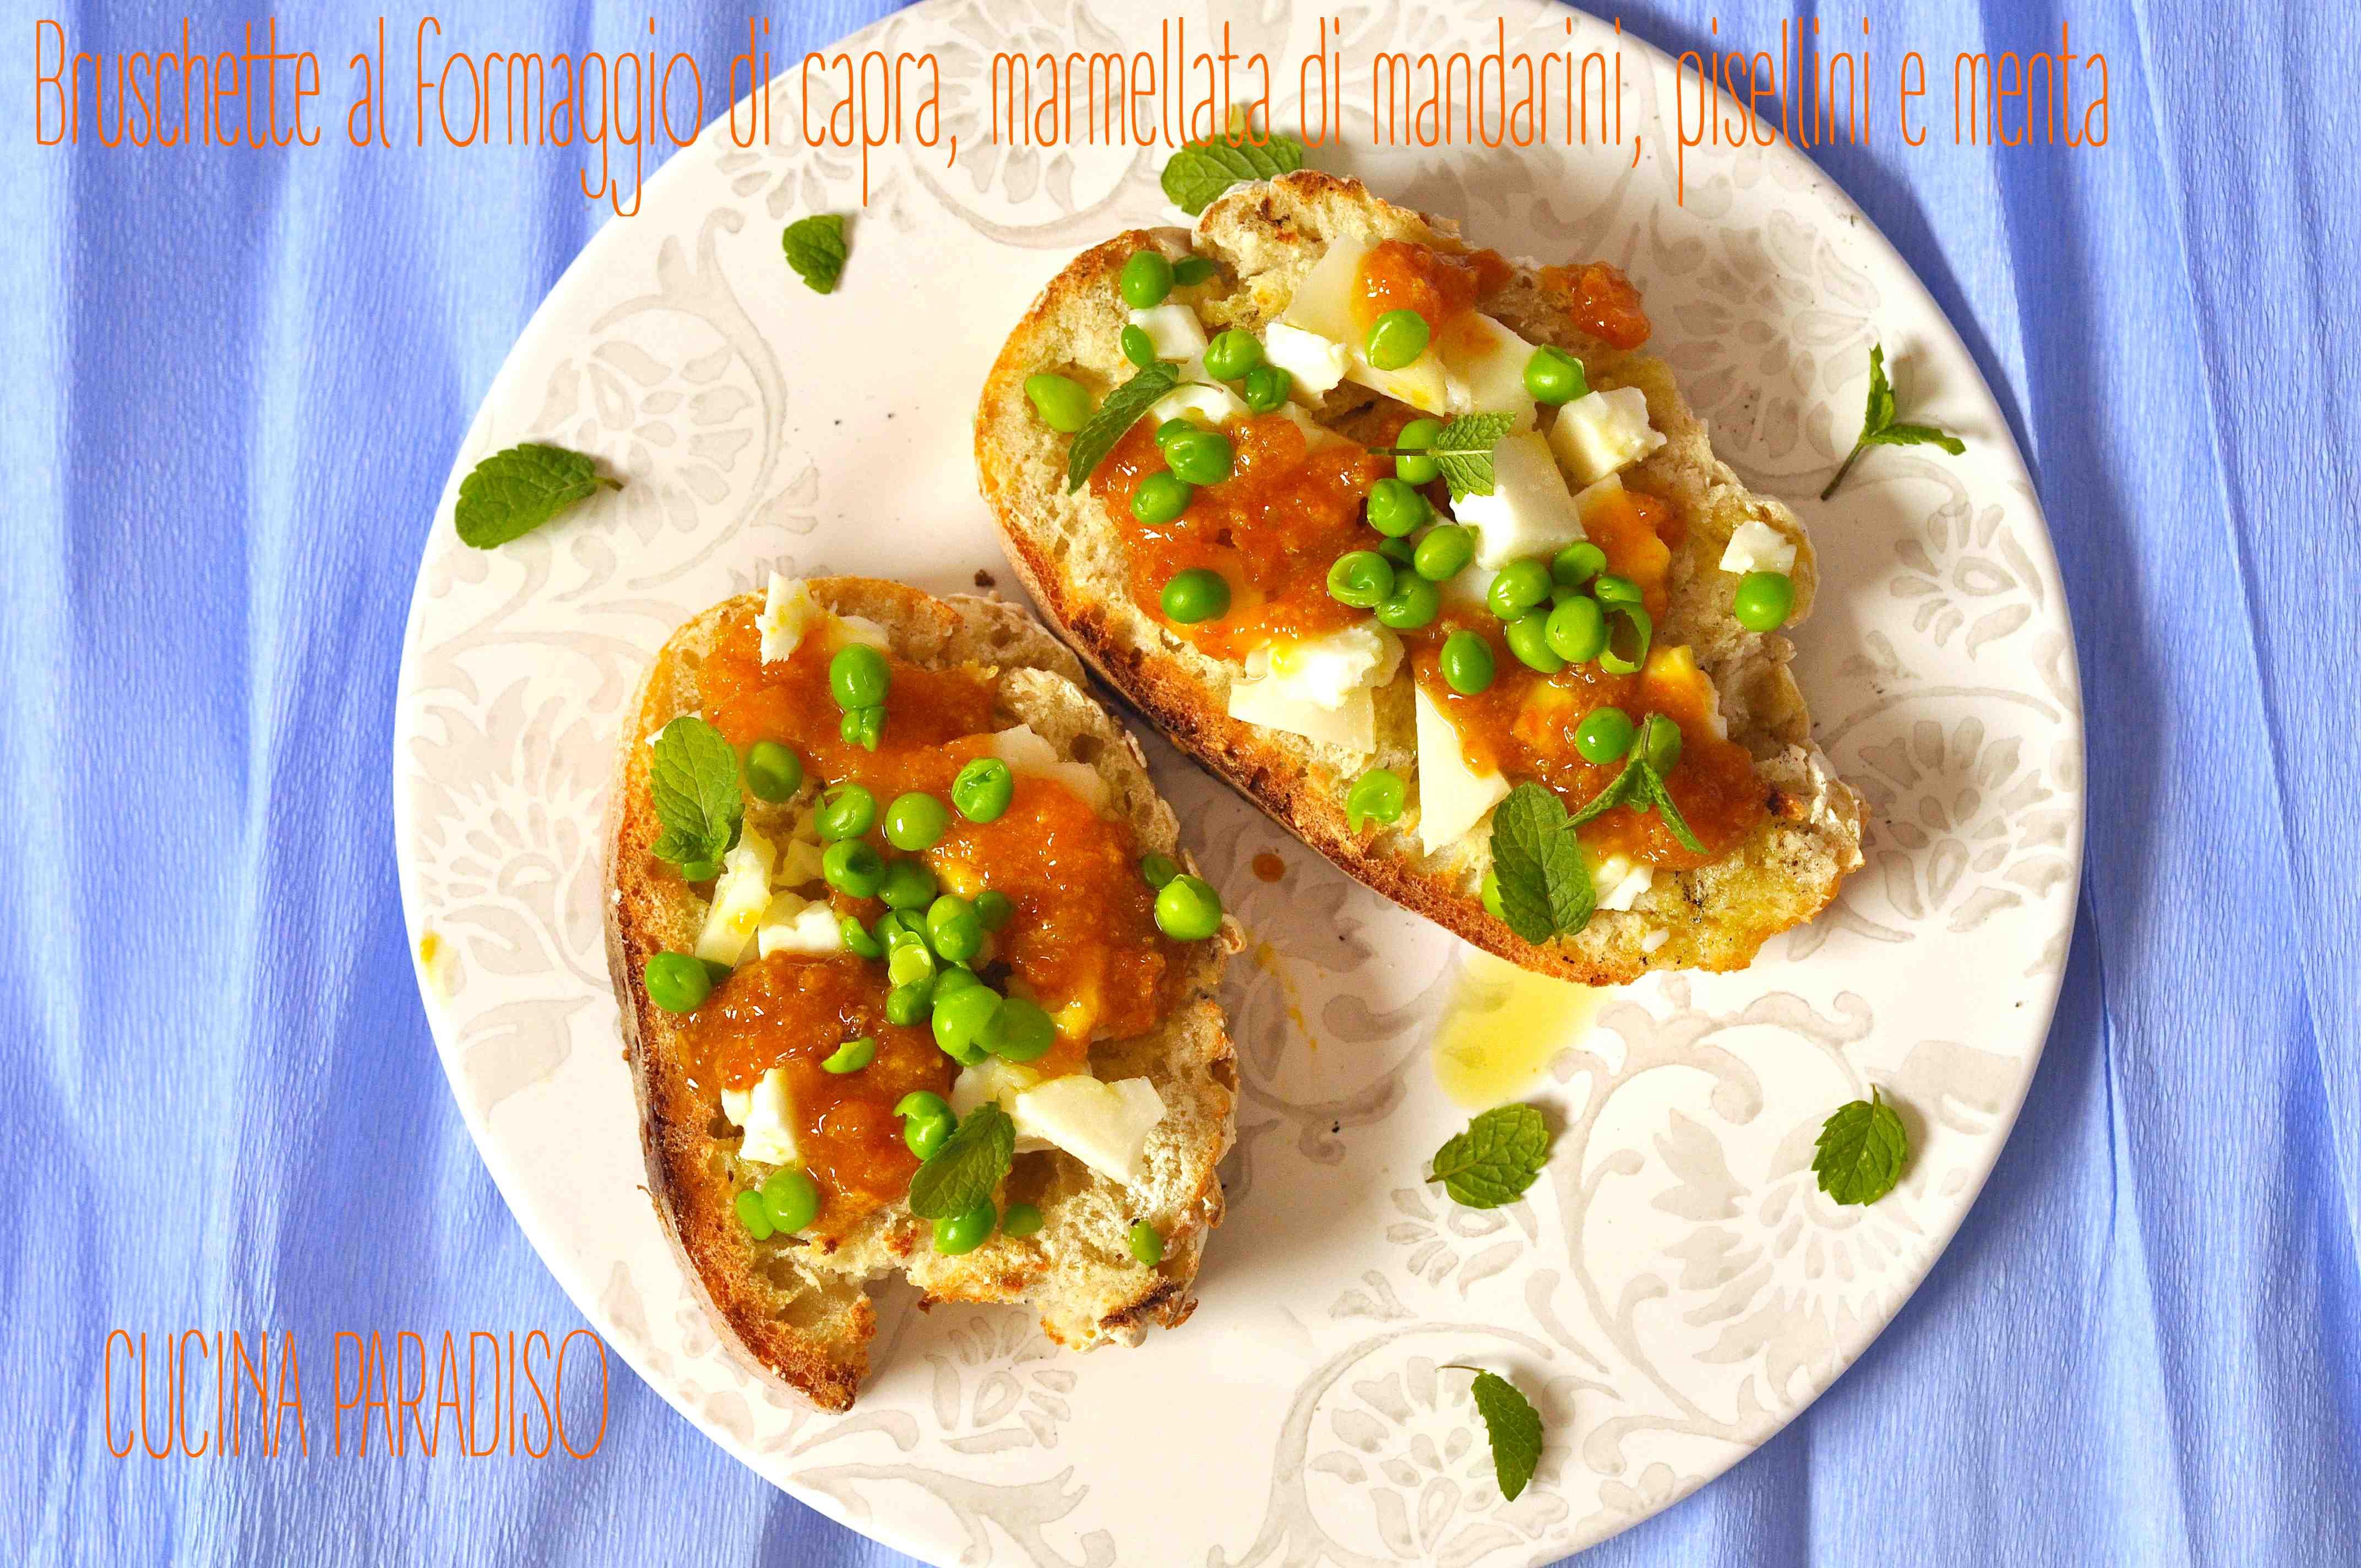 Bruschette al formaggio di capra, marmellata di mandarini, pisellini e menta2